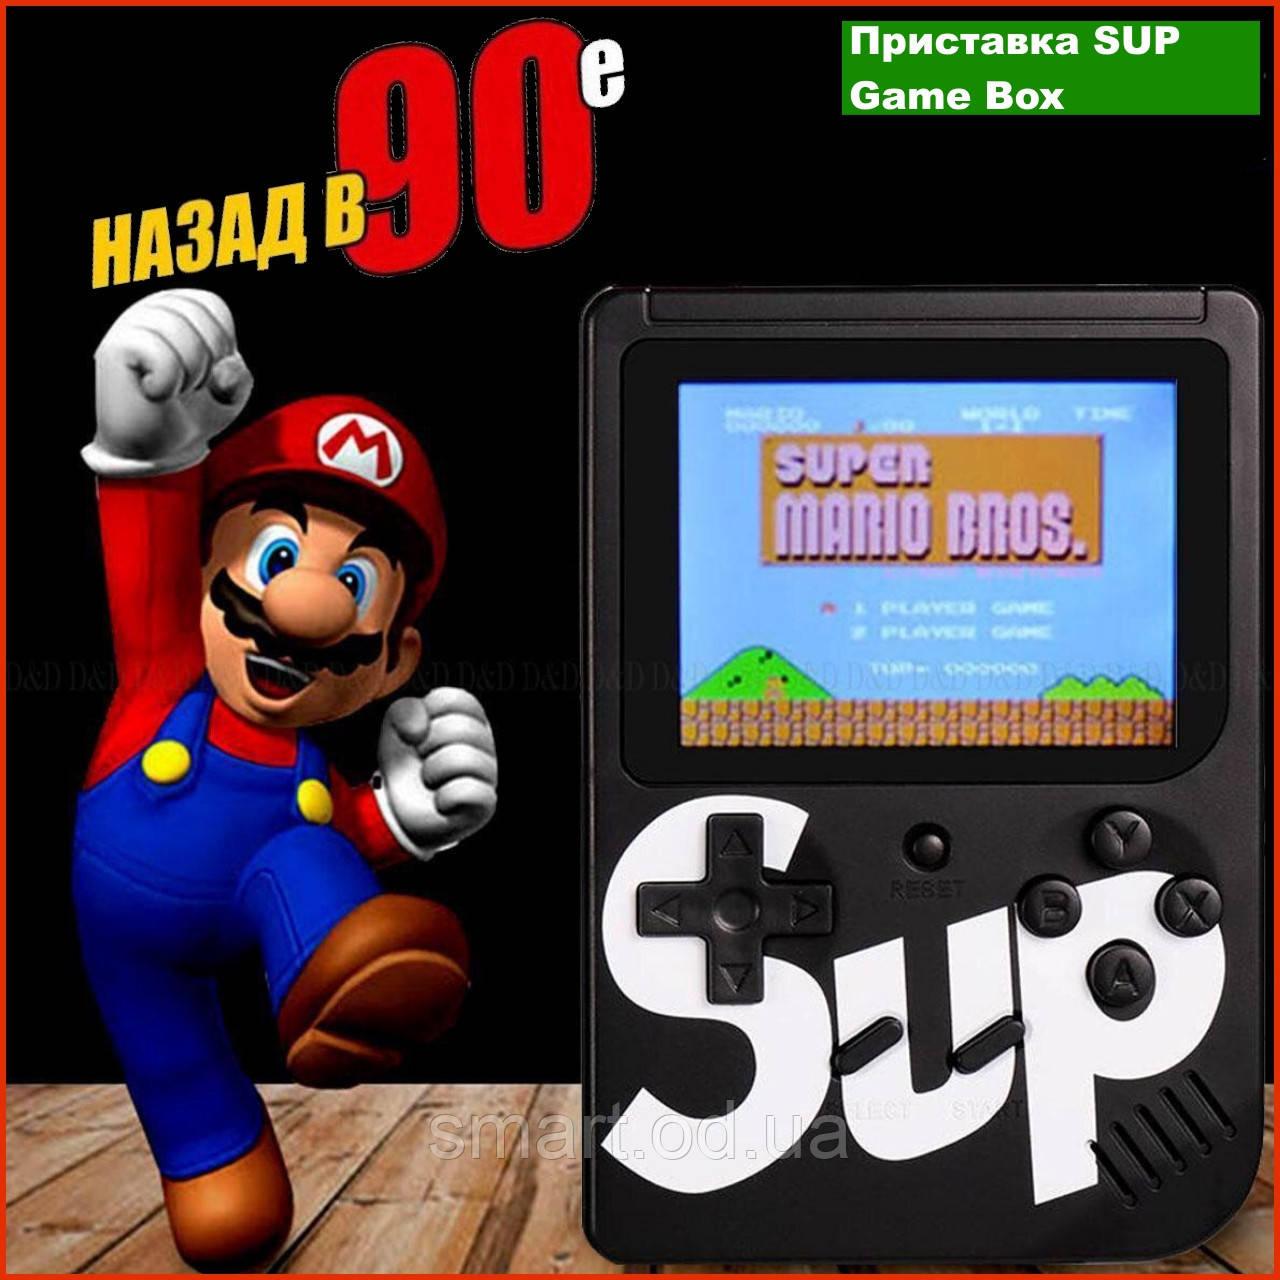 Портативна ігрова приставка Game Box SUP на 400 ігор Retro dendy консоль денді до телевізора геймпад